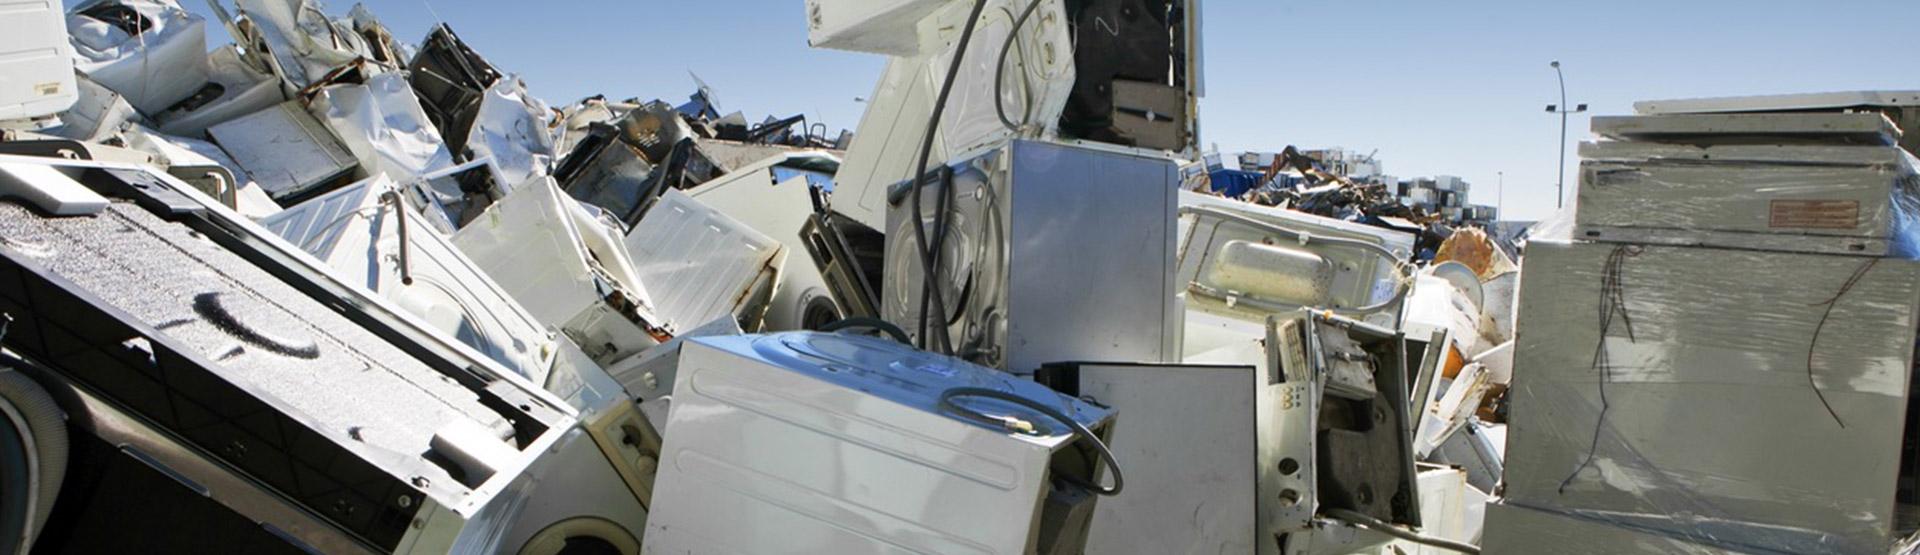 voorkom-afval-bundles